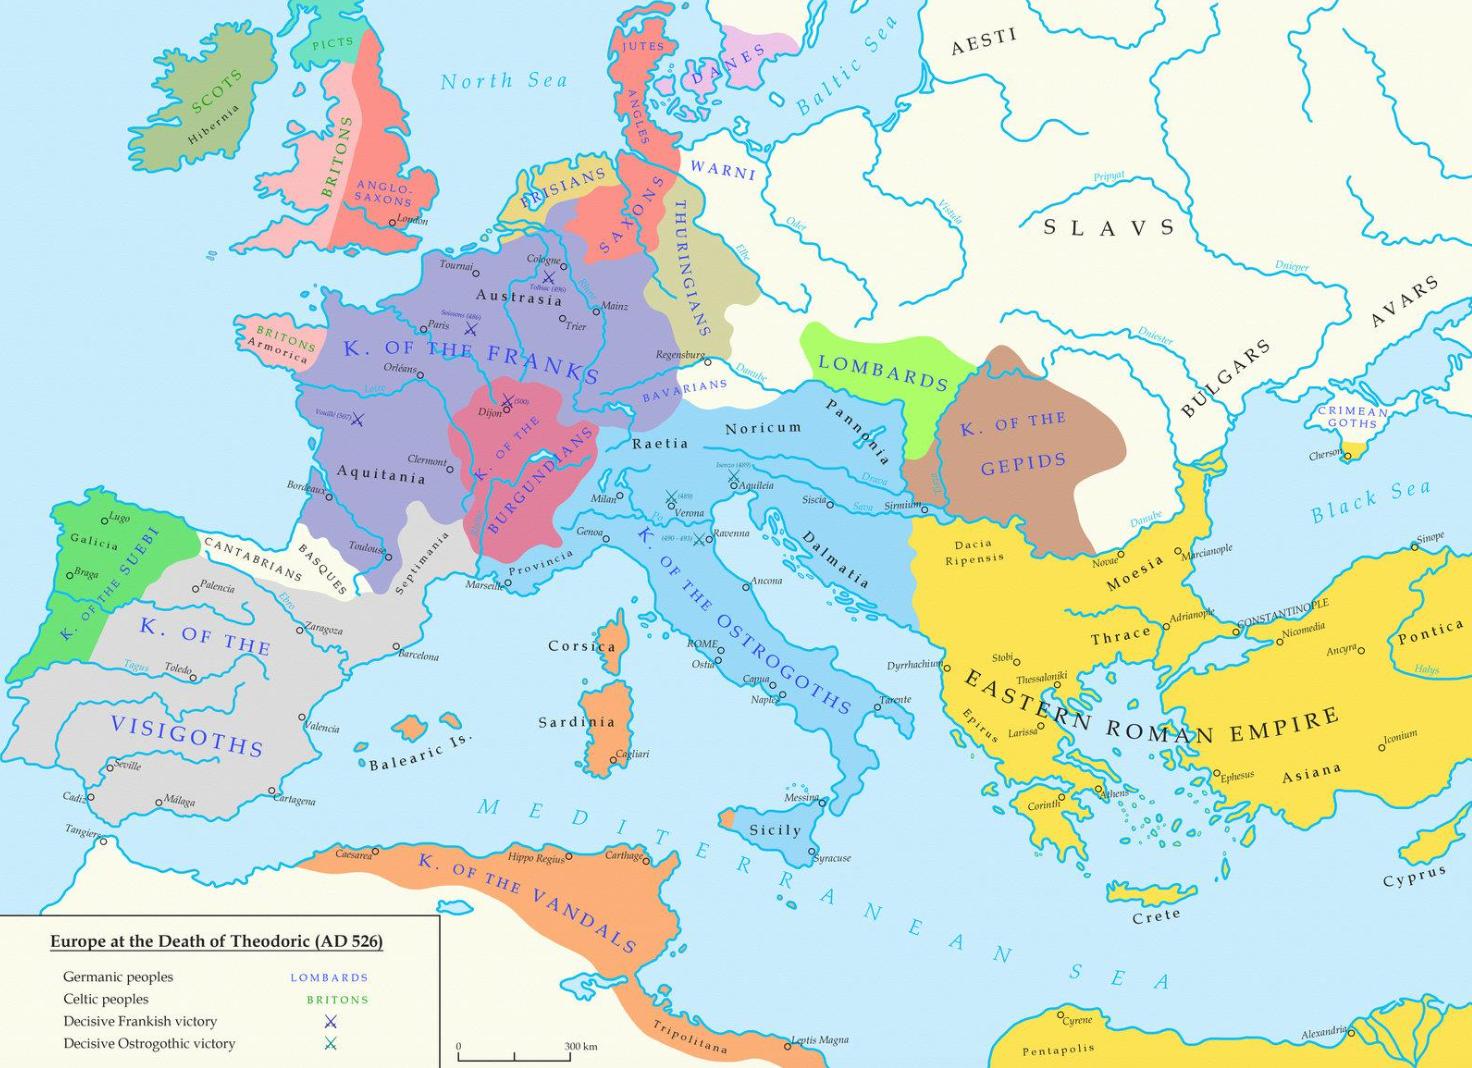 思想  东哥特王国 古罗马没有了.图片